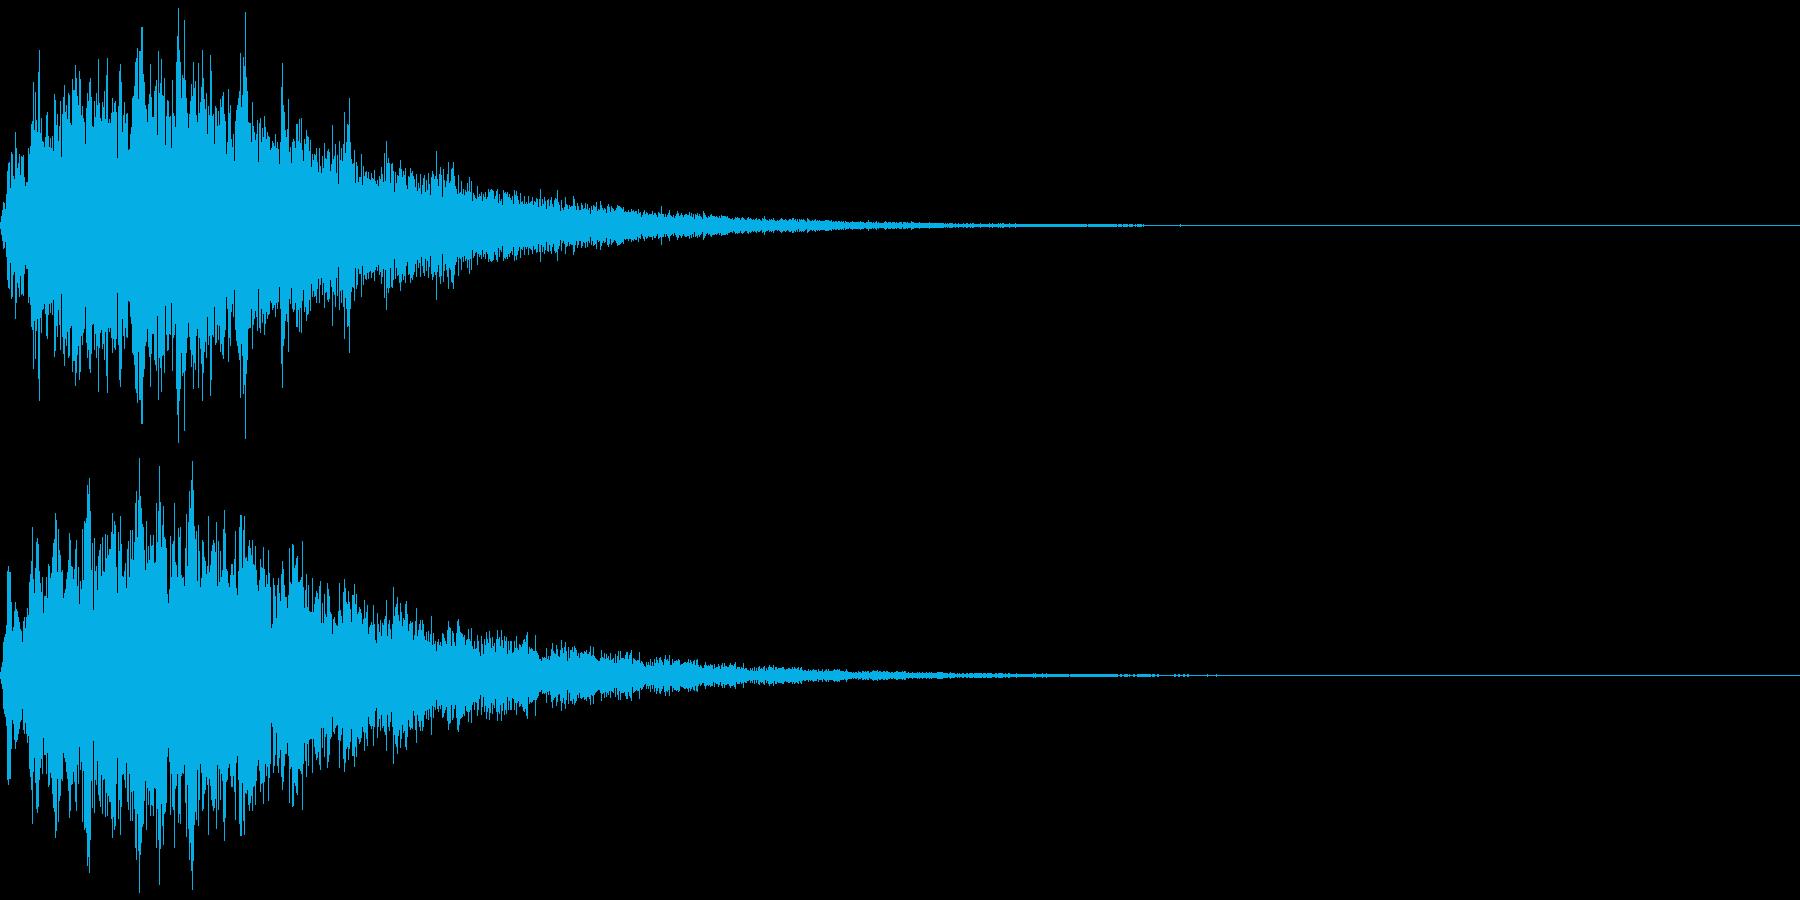 キラーン  (煌びやか)の再生済みの波形